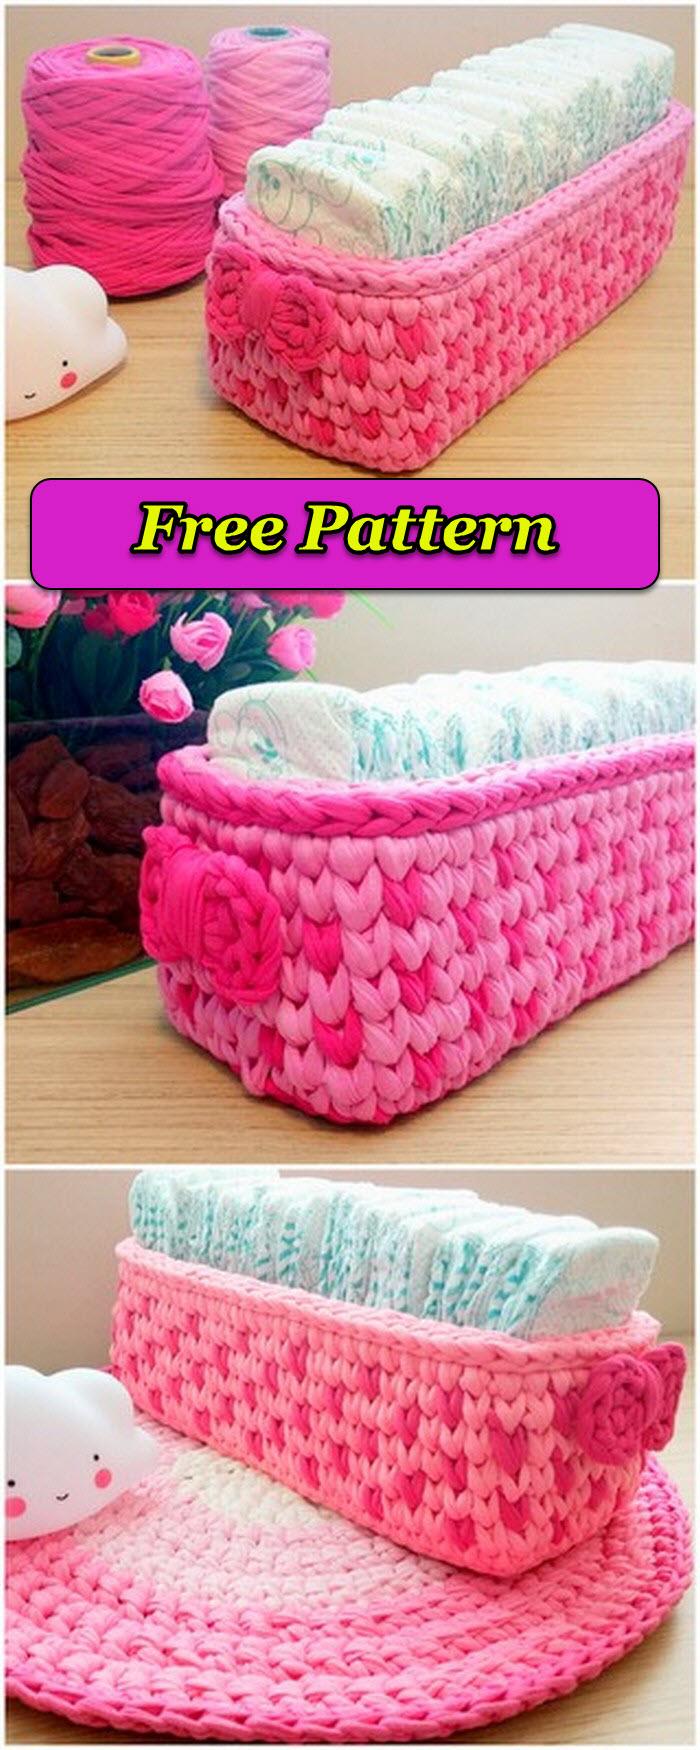 Cute crochet baby case free pattern